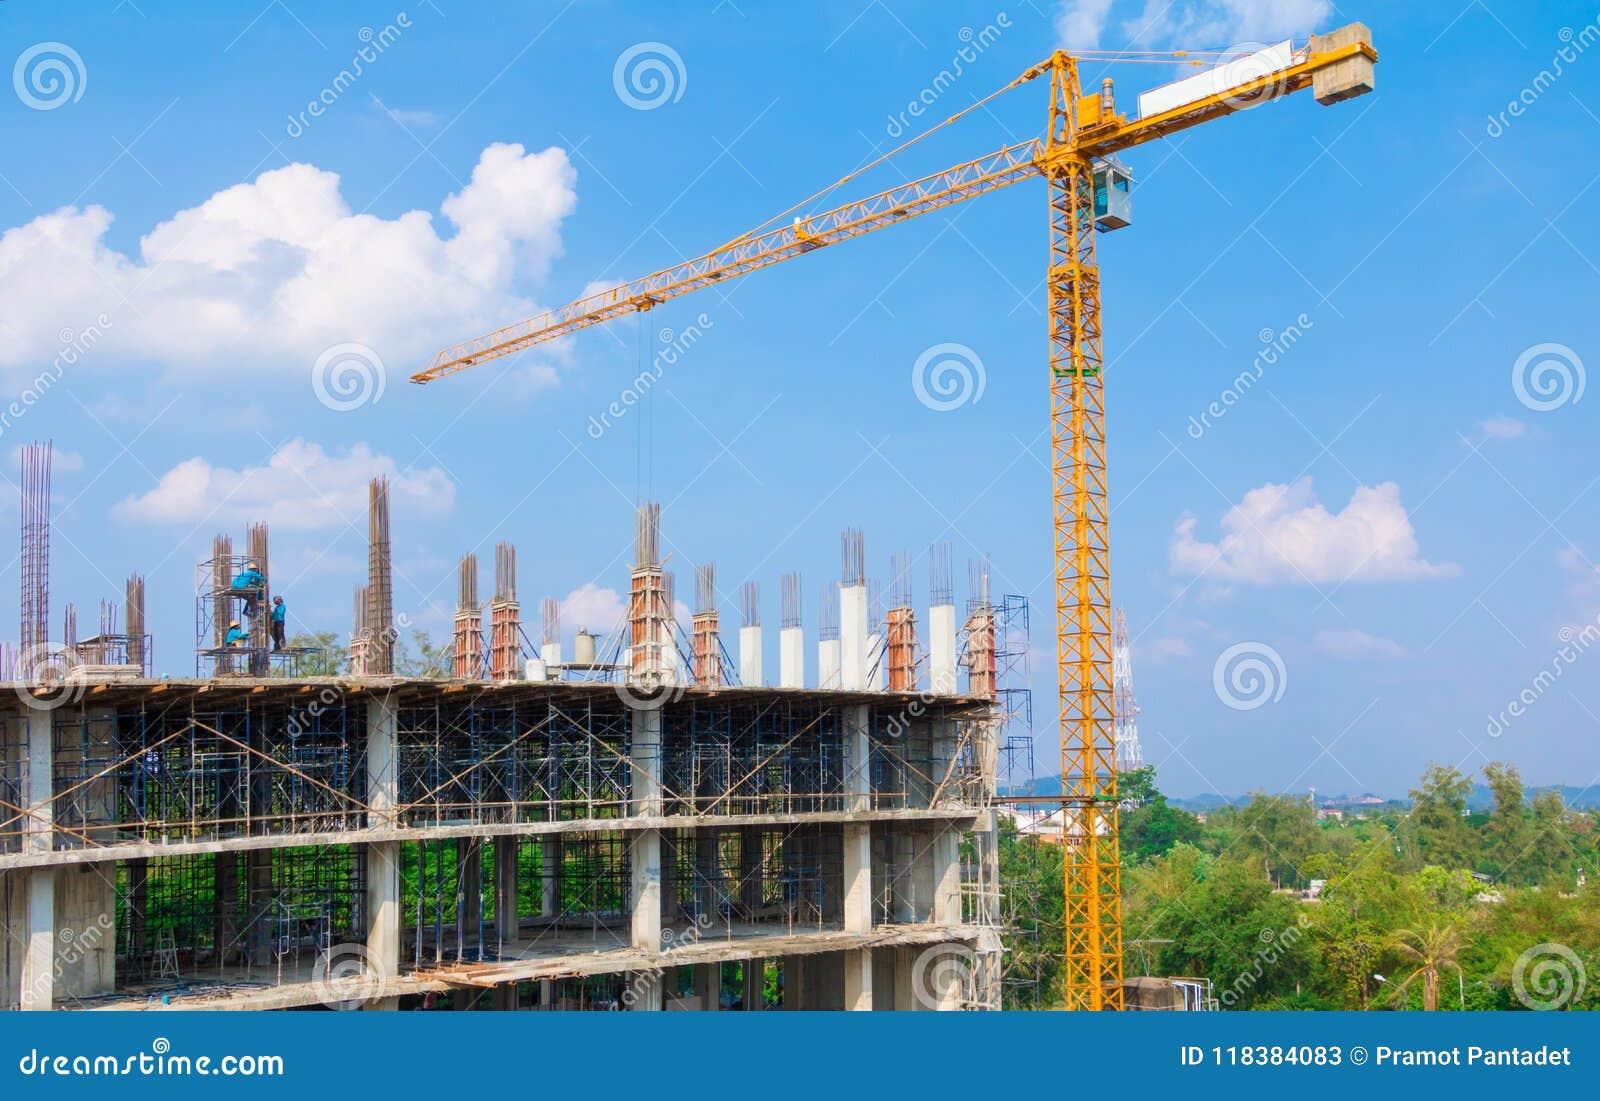 Byggnadsarbetare placerar och byggnad av hus på utomhus- arbetarearbete som har bakgrund för blå himmel för tornkranen med kopier